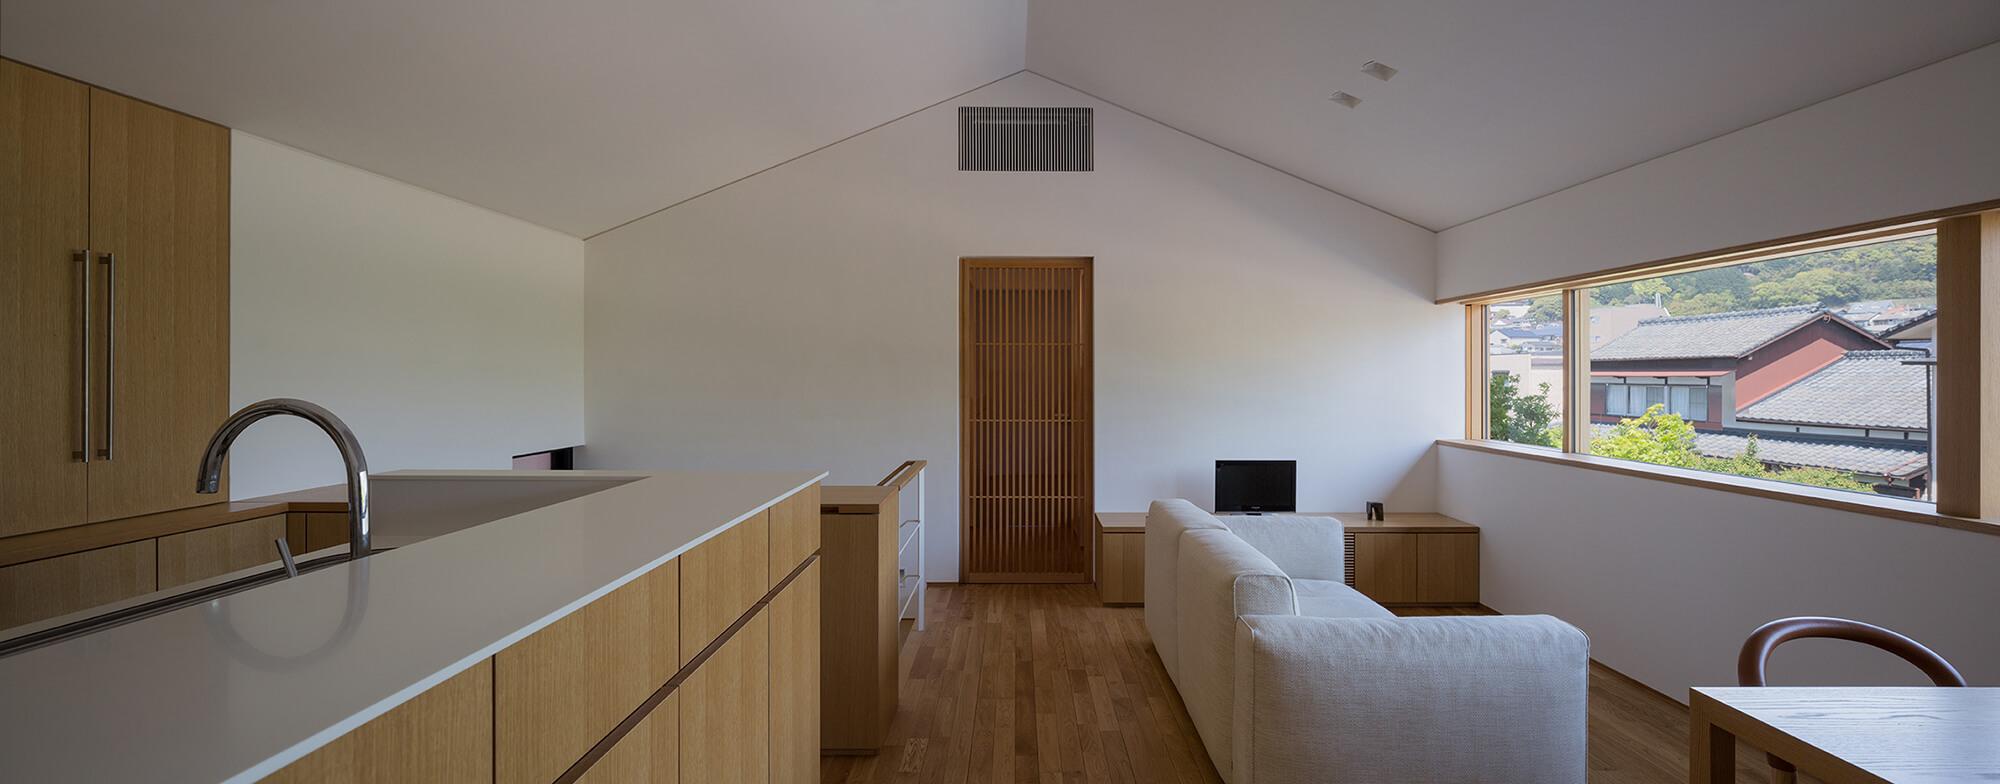 『koto house』建築写真・竣工写真・インテリア写真11